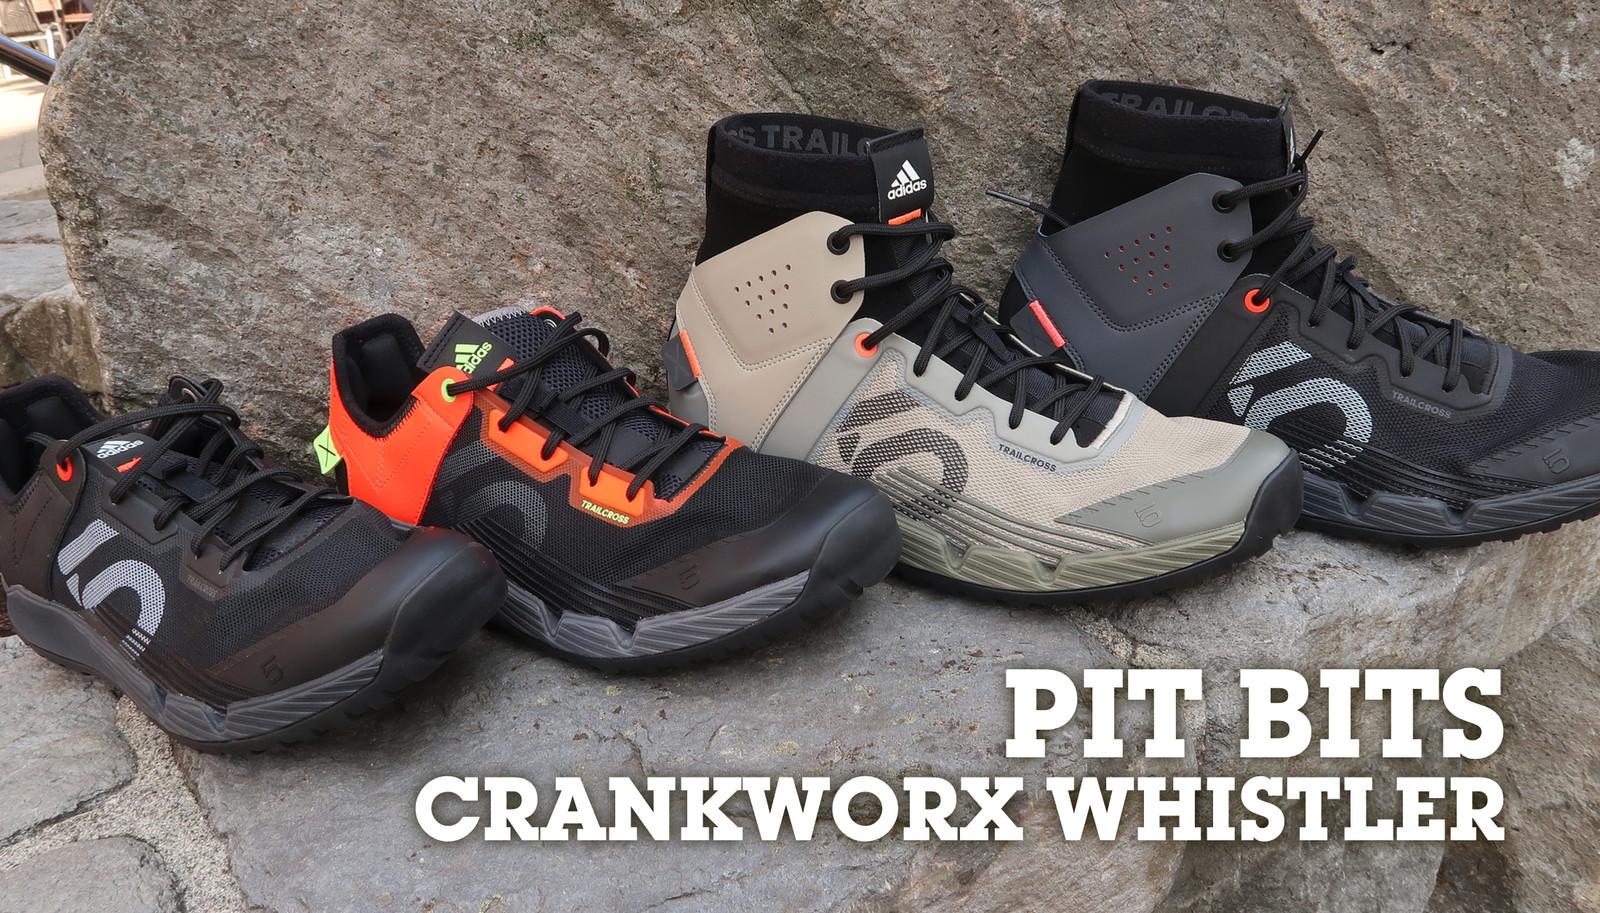 PIT BITS - Crankworx Whistler - New Five Ten Trailcross Shoes - PIT BITS - 2019 Crankworx Whistler Bikes and Tech - Mountain Biking Pictures - Vital MTB